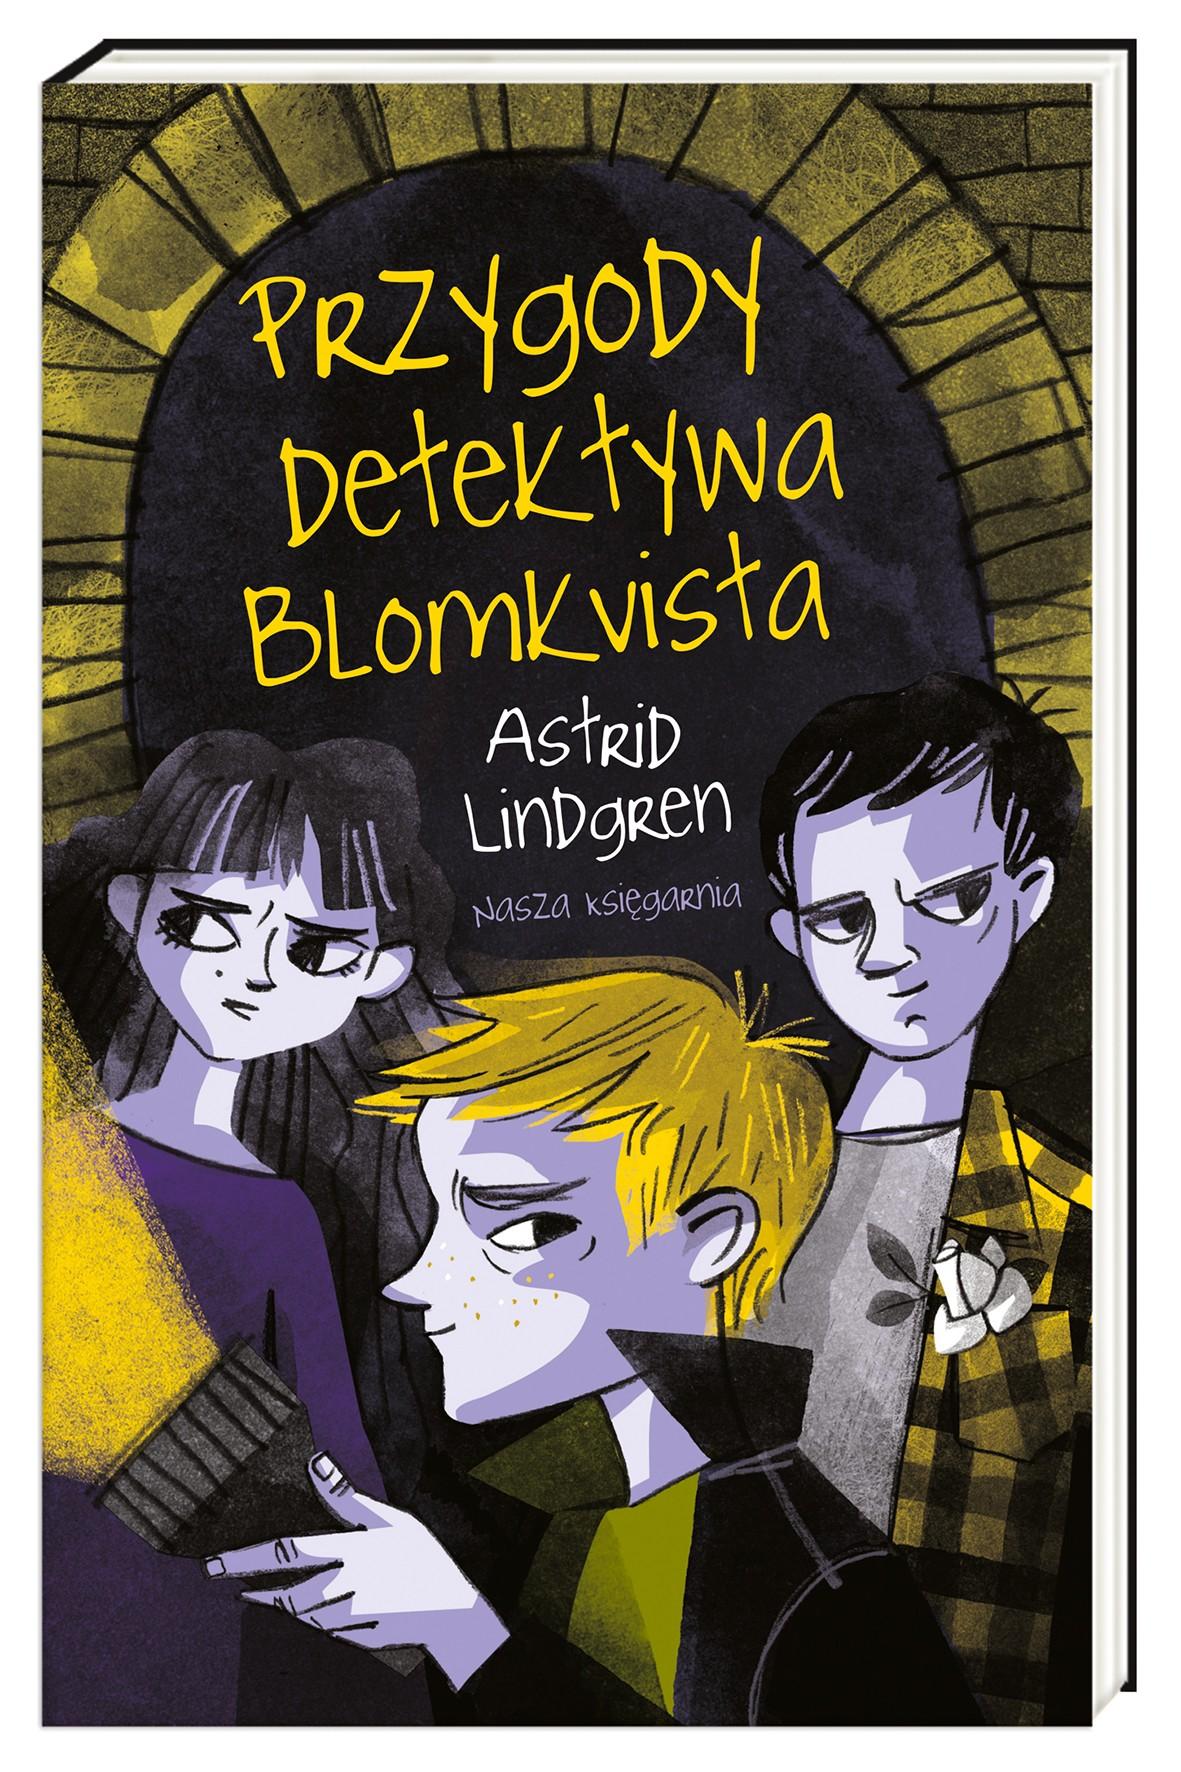 Przygody detektywa Blomkvista- książka dla dzieci